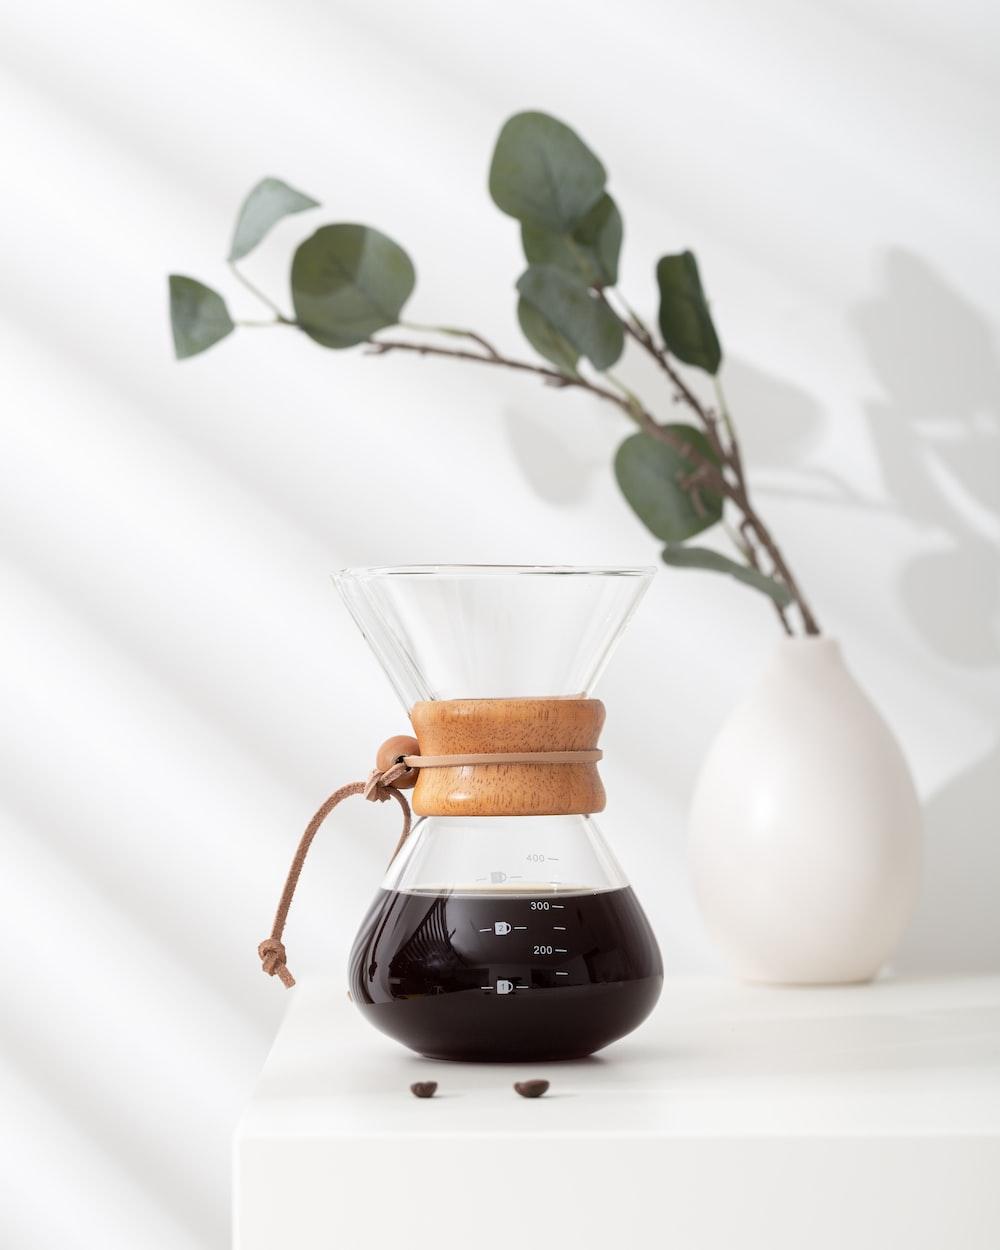 white ceramic vase with brown liquid